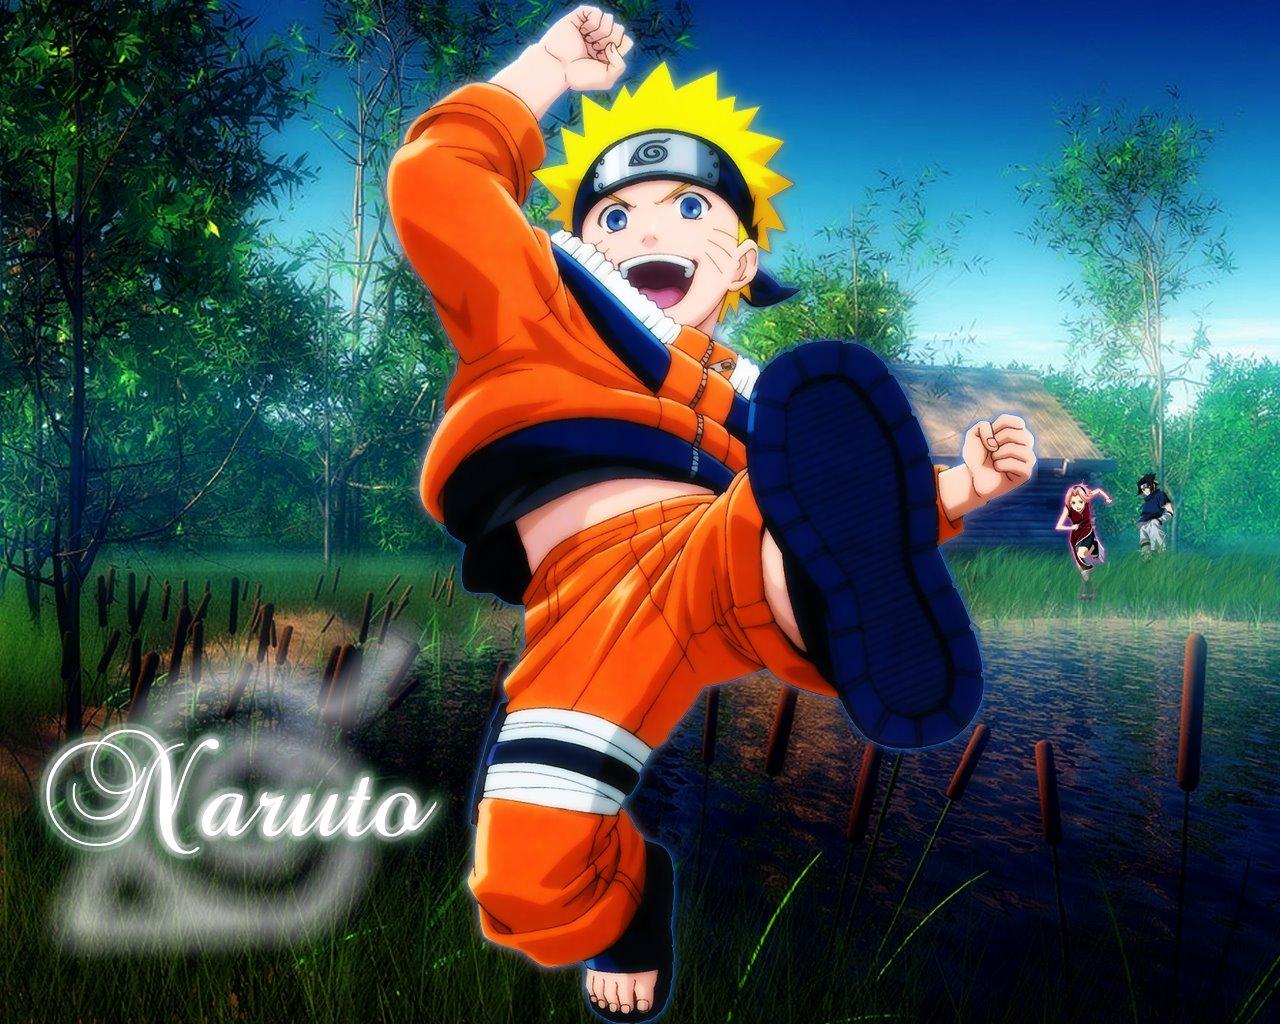 Download 620+ Wallpaper Naruto Dan Hinata Bergerak HD Paling Keren